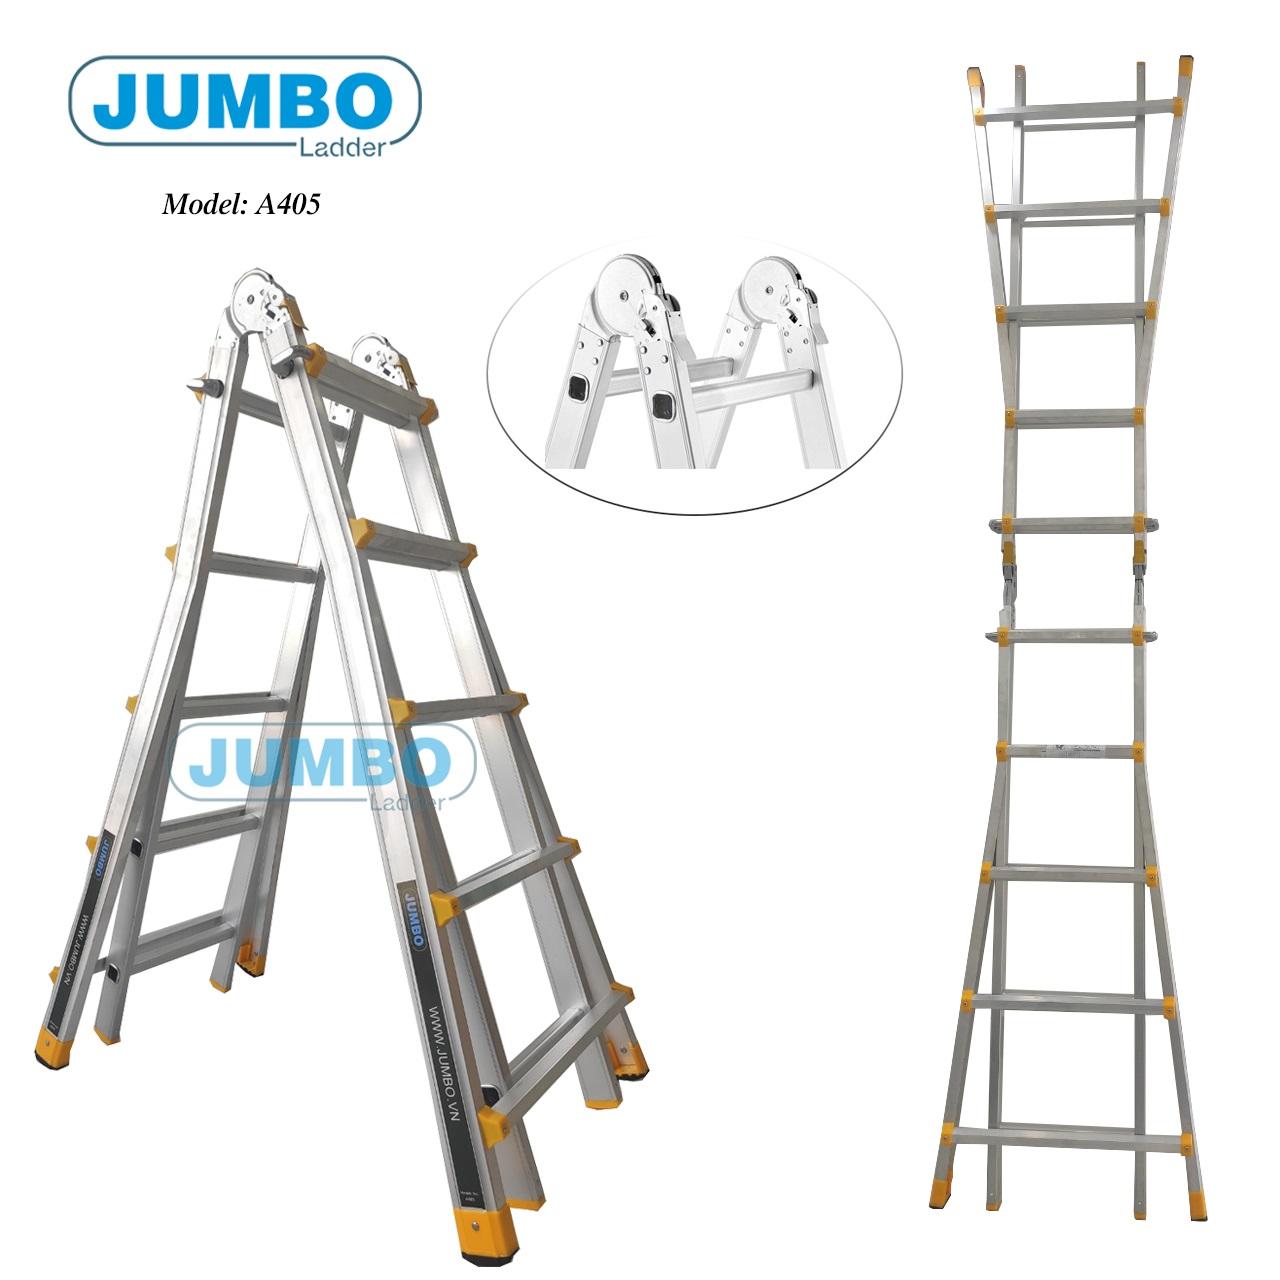 Thang nhôm gấp chữ A mở rộng Jumbo A405